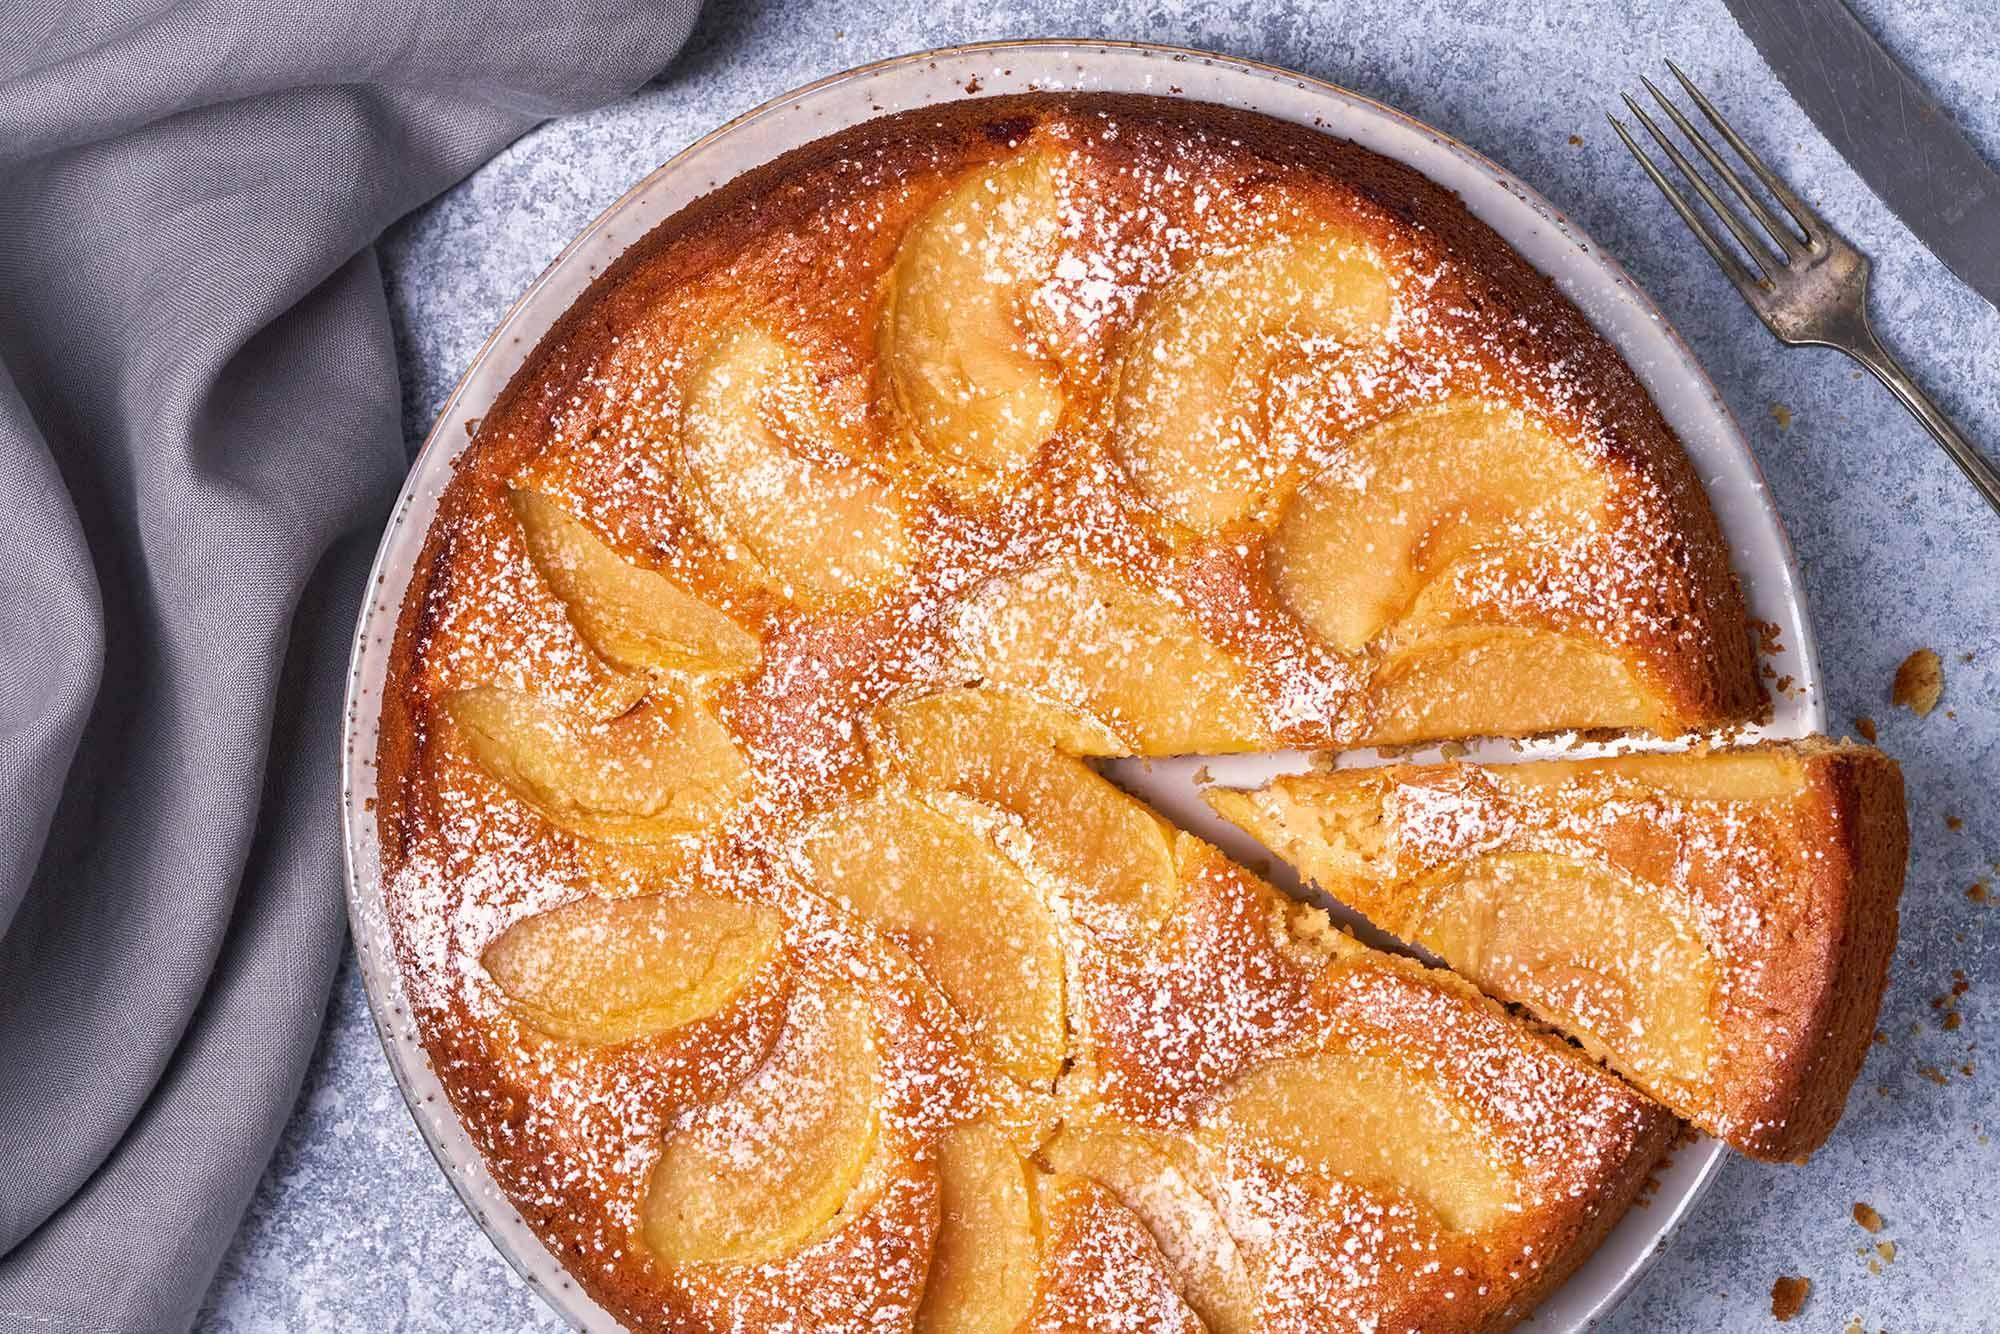 Apple tart on plate